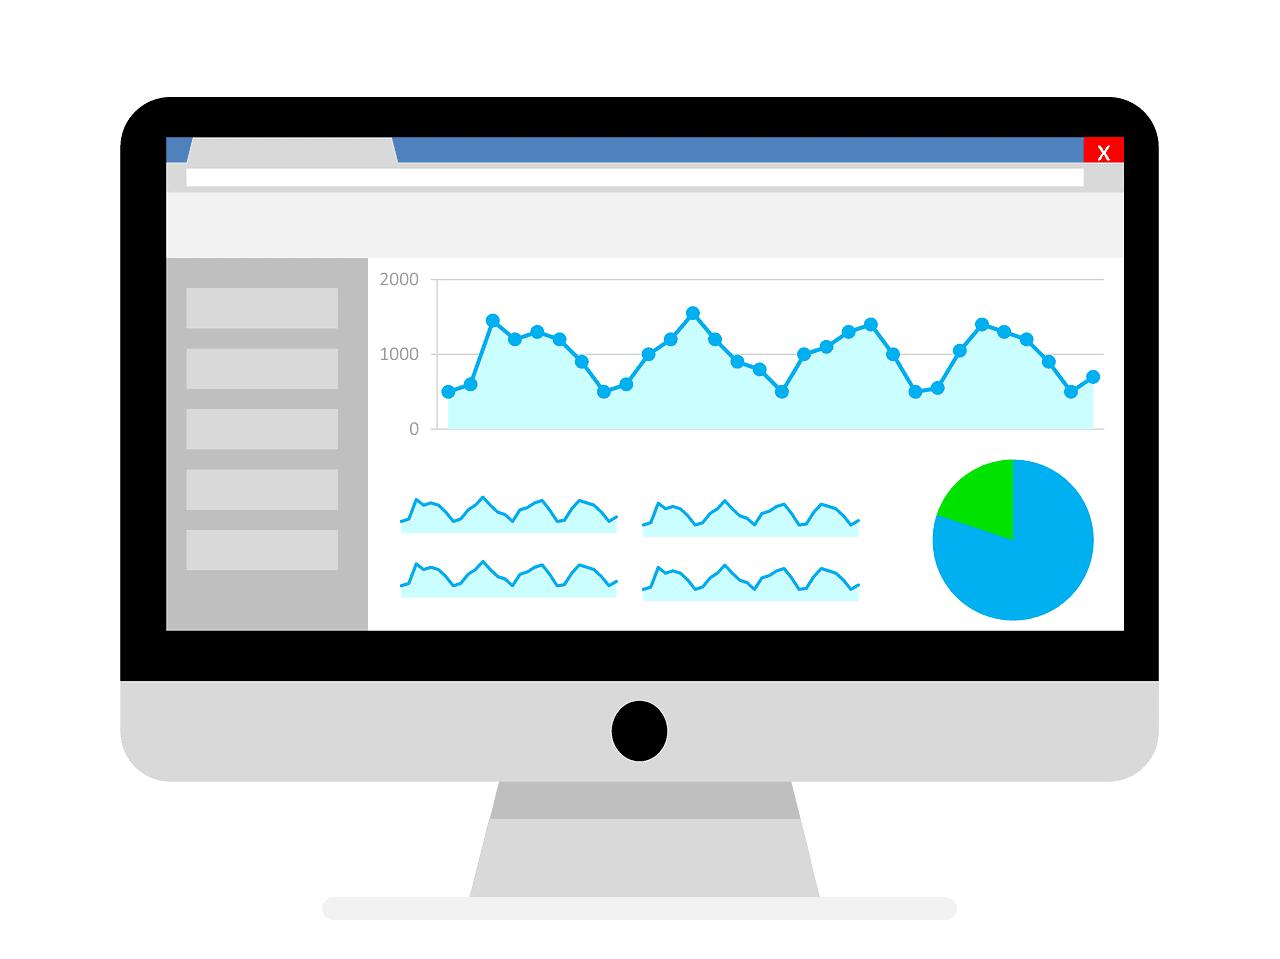 מסך נתונים